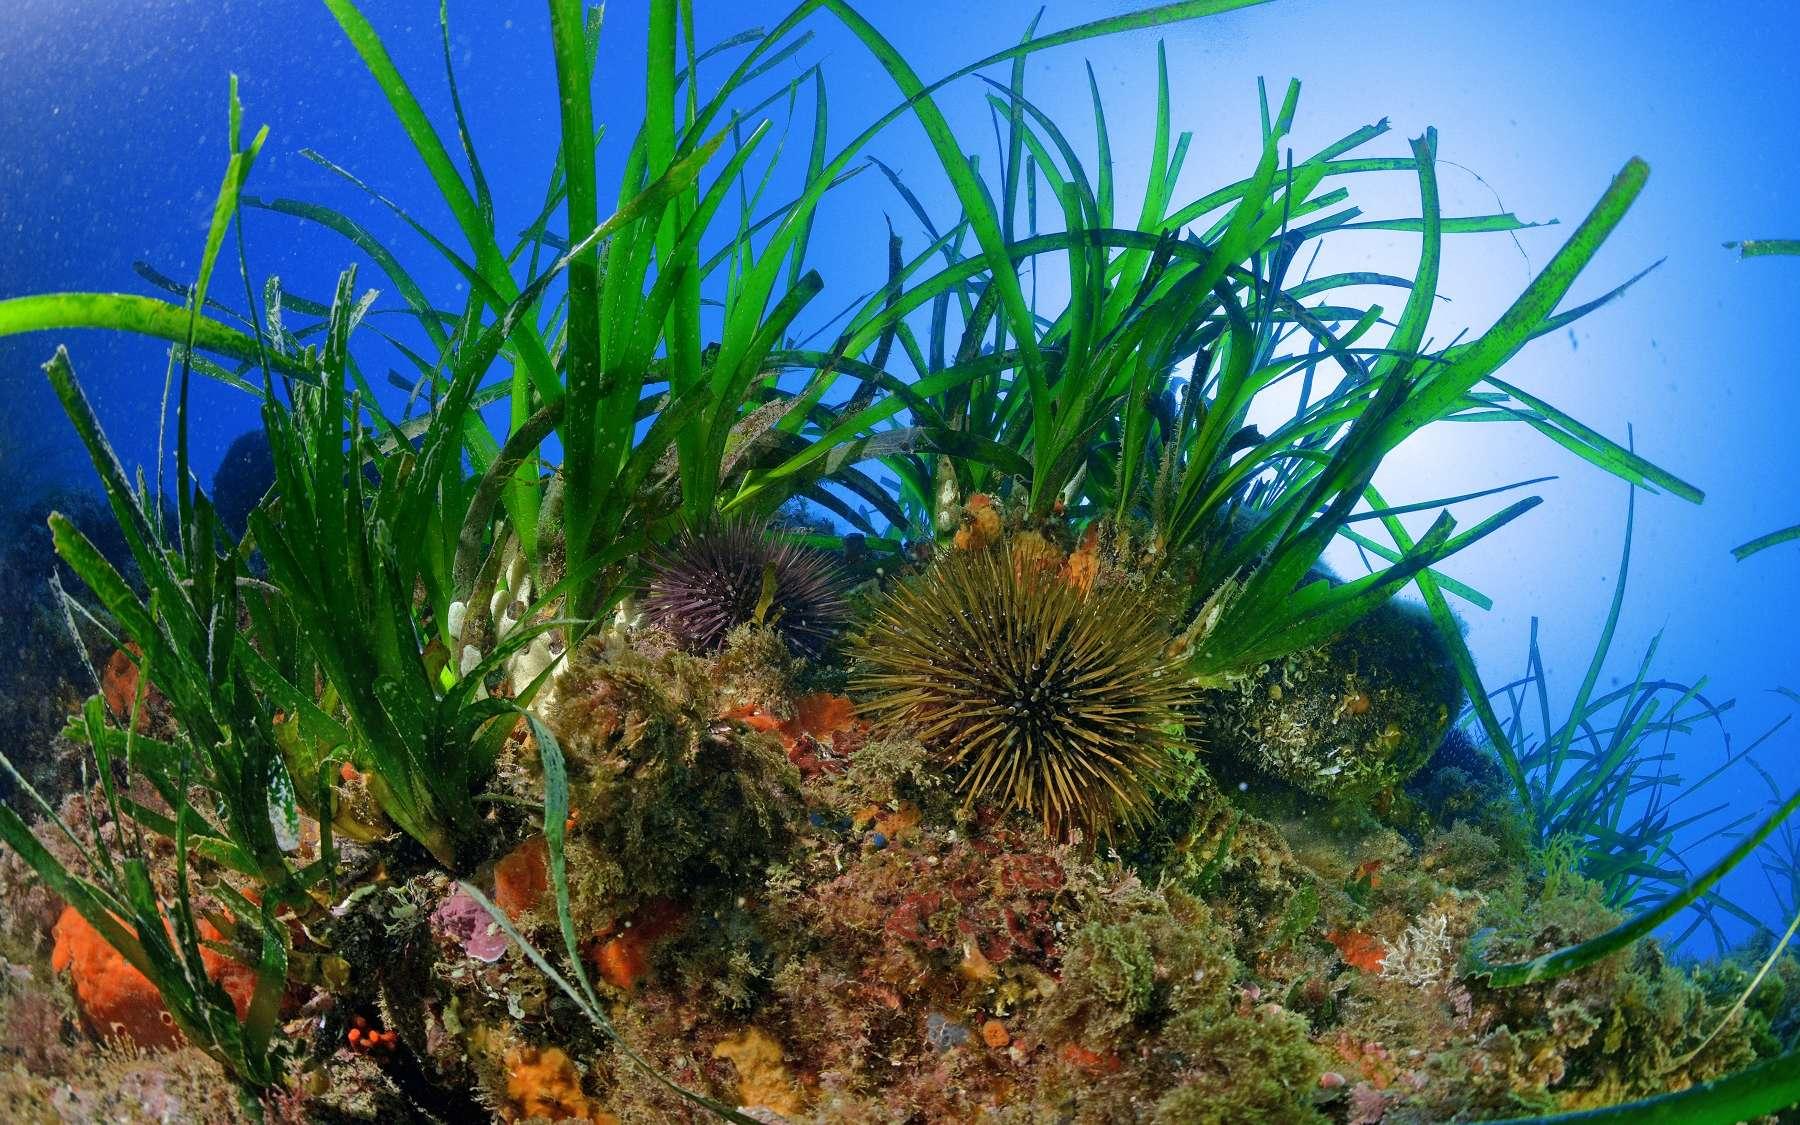 La Méditerranée abrite des écosystèmes exceptionnels mais menacés, comme ici un herbier à posidonie. Pour protéger la mer et sa biodiversité de la pollution et des risques liés aux activités humaines (plongée, pêche, etc.), la Communauté d'agglomération Var Estérel Méditerranée (Cavem) a mis en place de nombreuses actions, présentées lors de l'évènement Planète Cavem qui s'est tenu du 6 au 19 octobre 2018. © N. Barraque